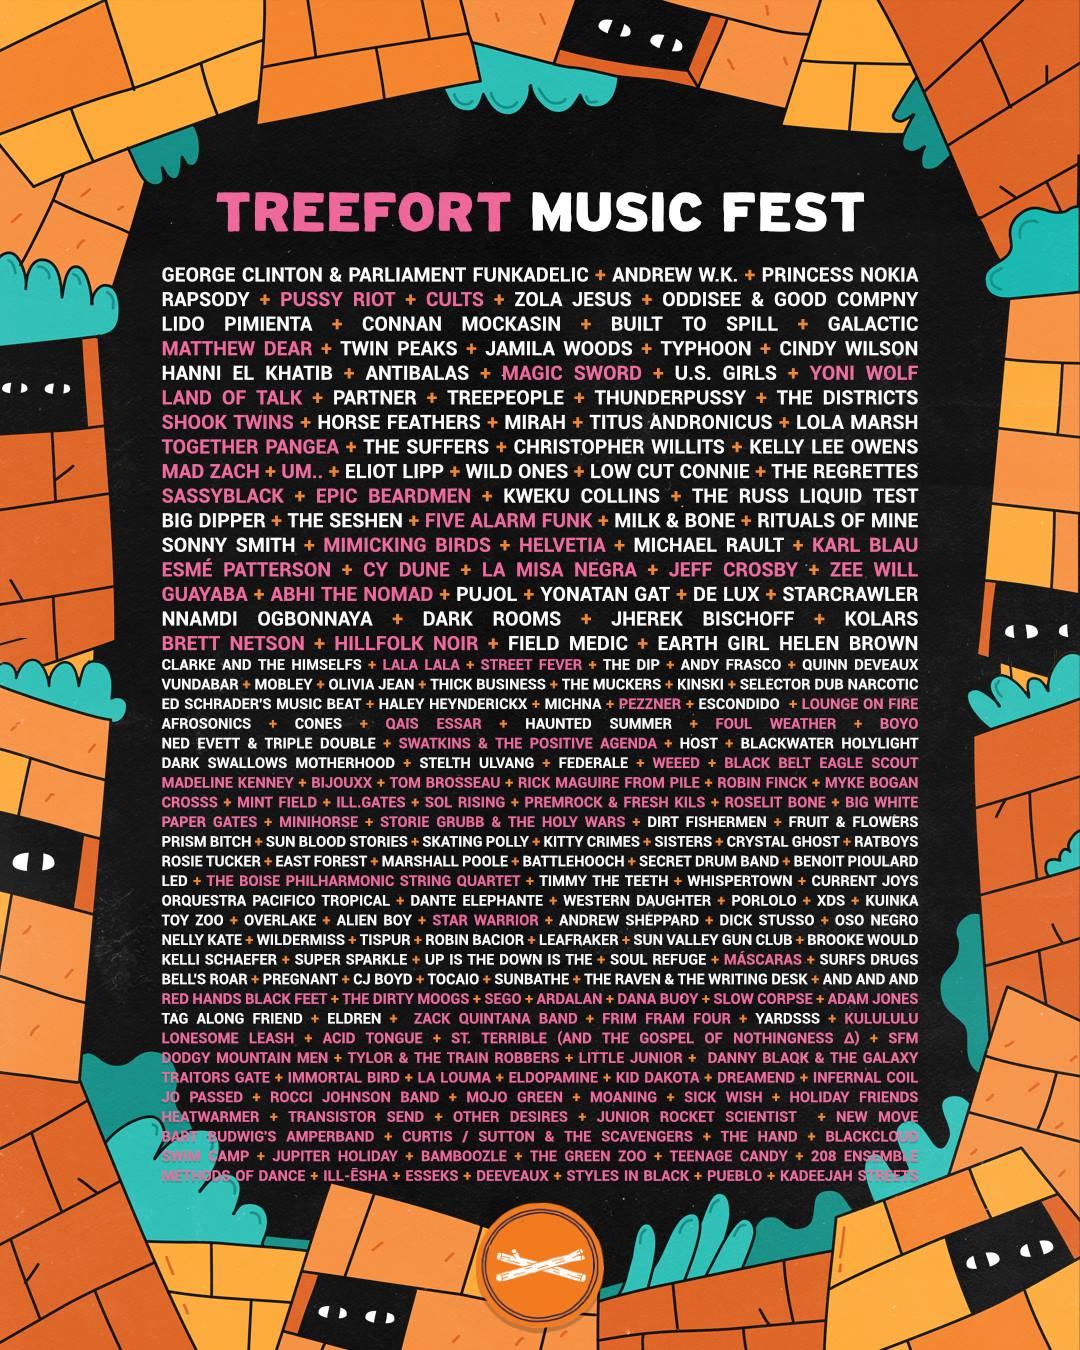 Treefort Music Fest 2018 Lineup